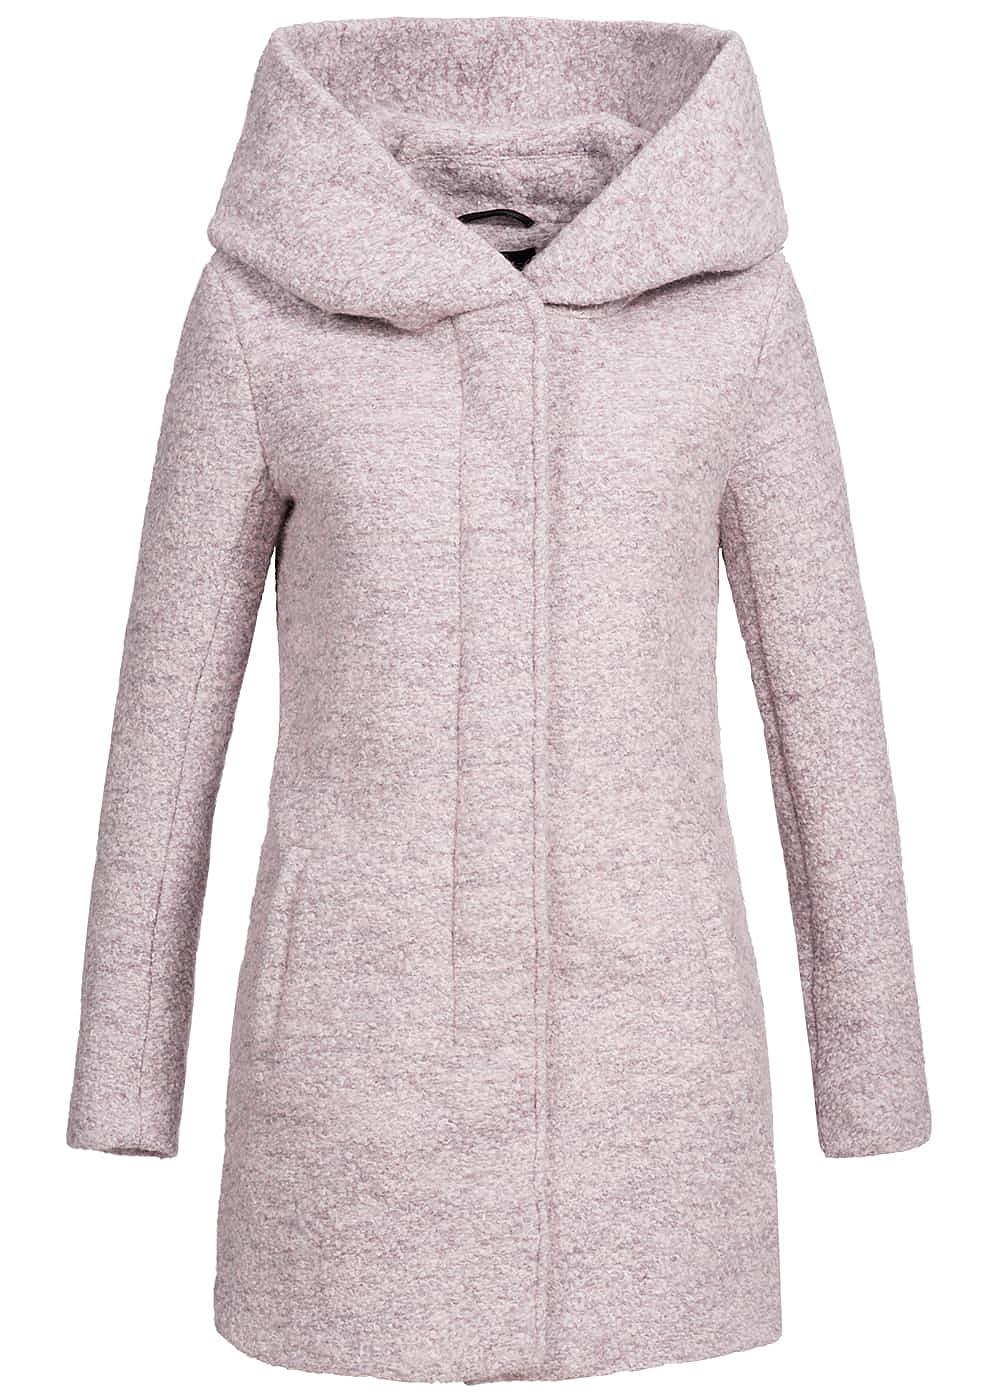 only damen mantel kapuze 2 taschen vorne warm taupe lila. Black Bedroom Furniture Sets. Home Design Ideas